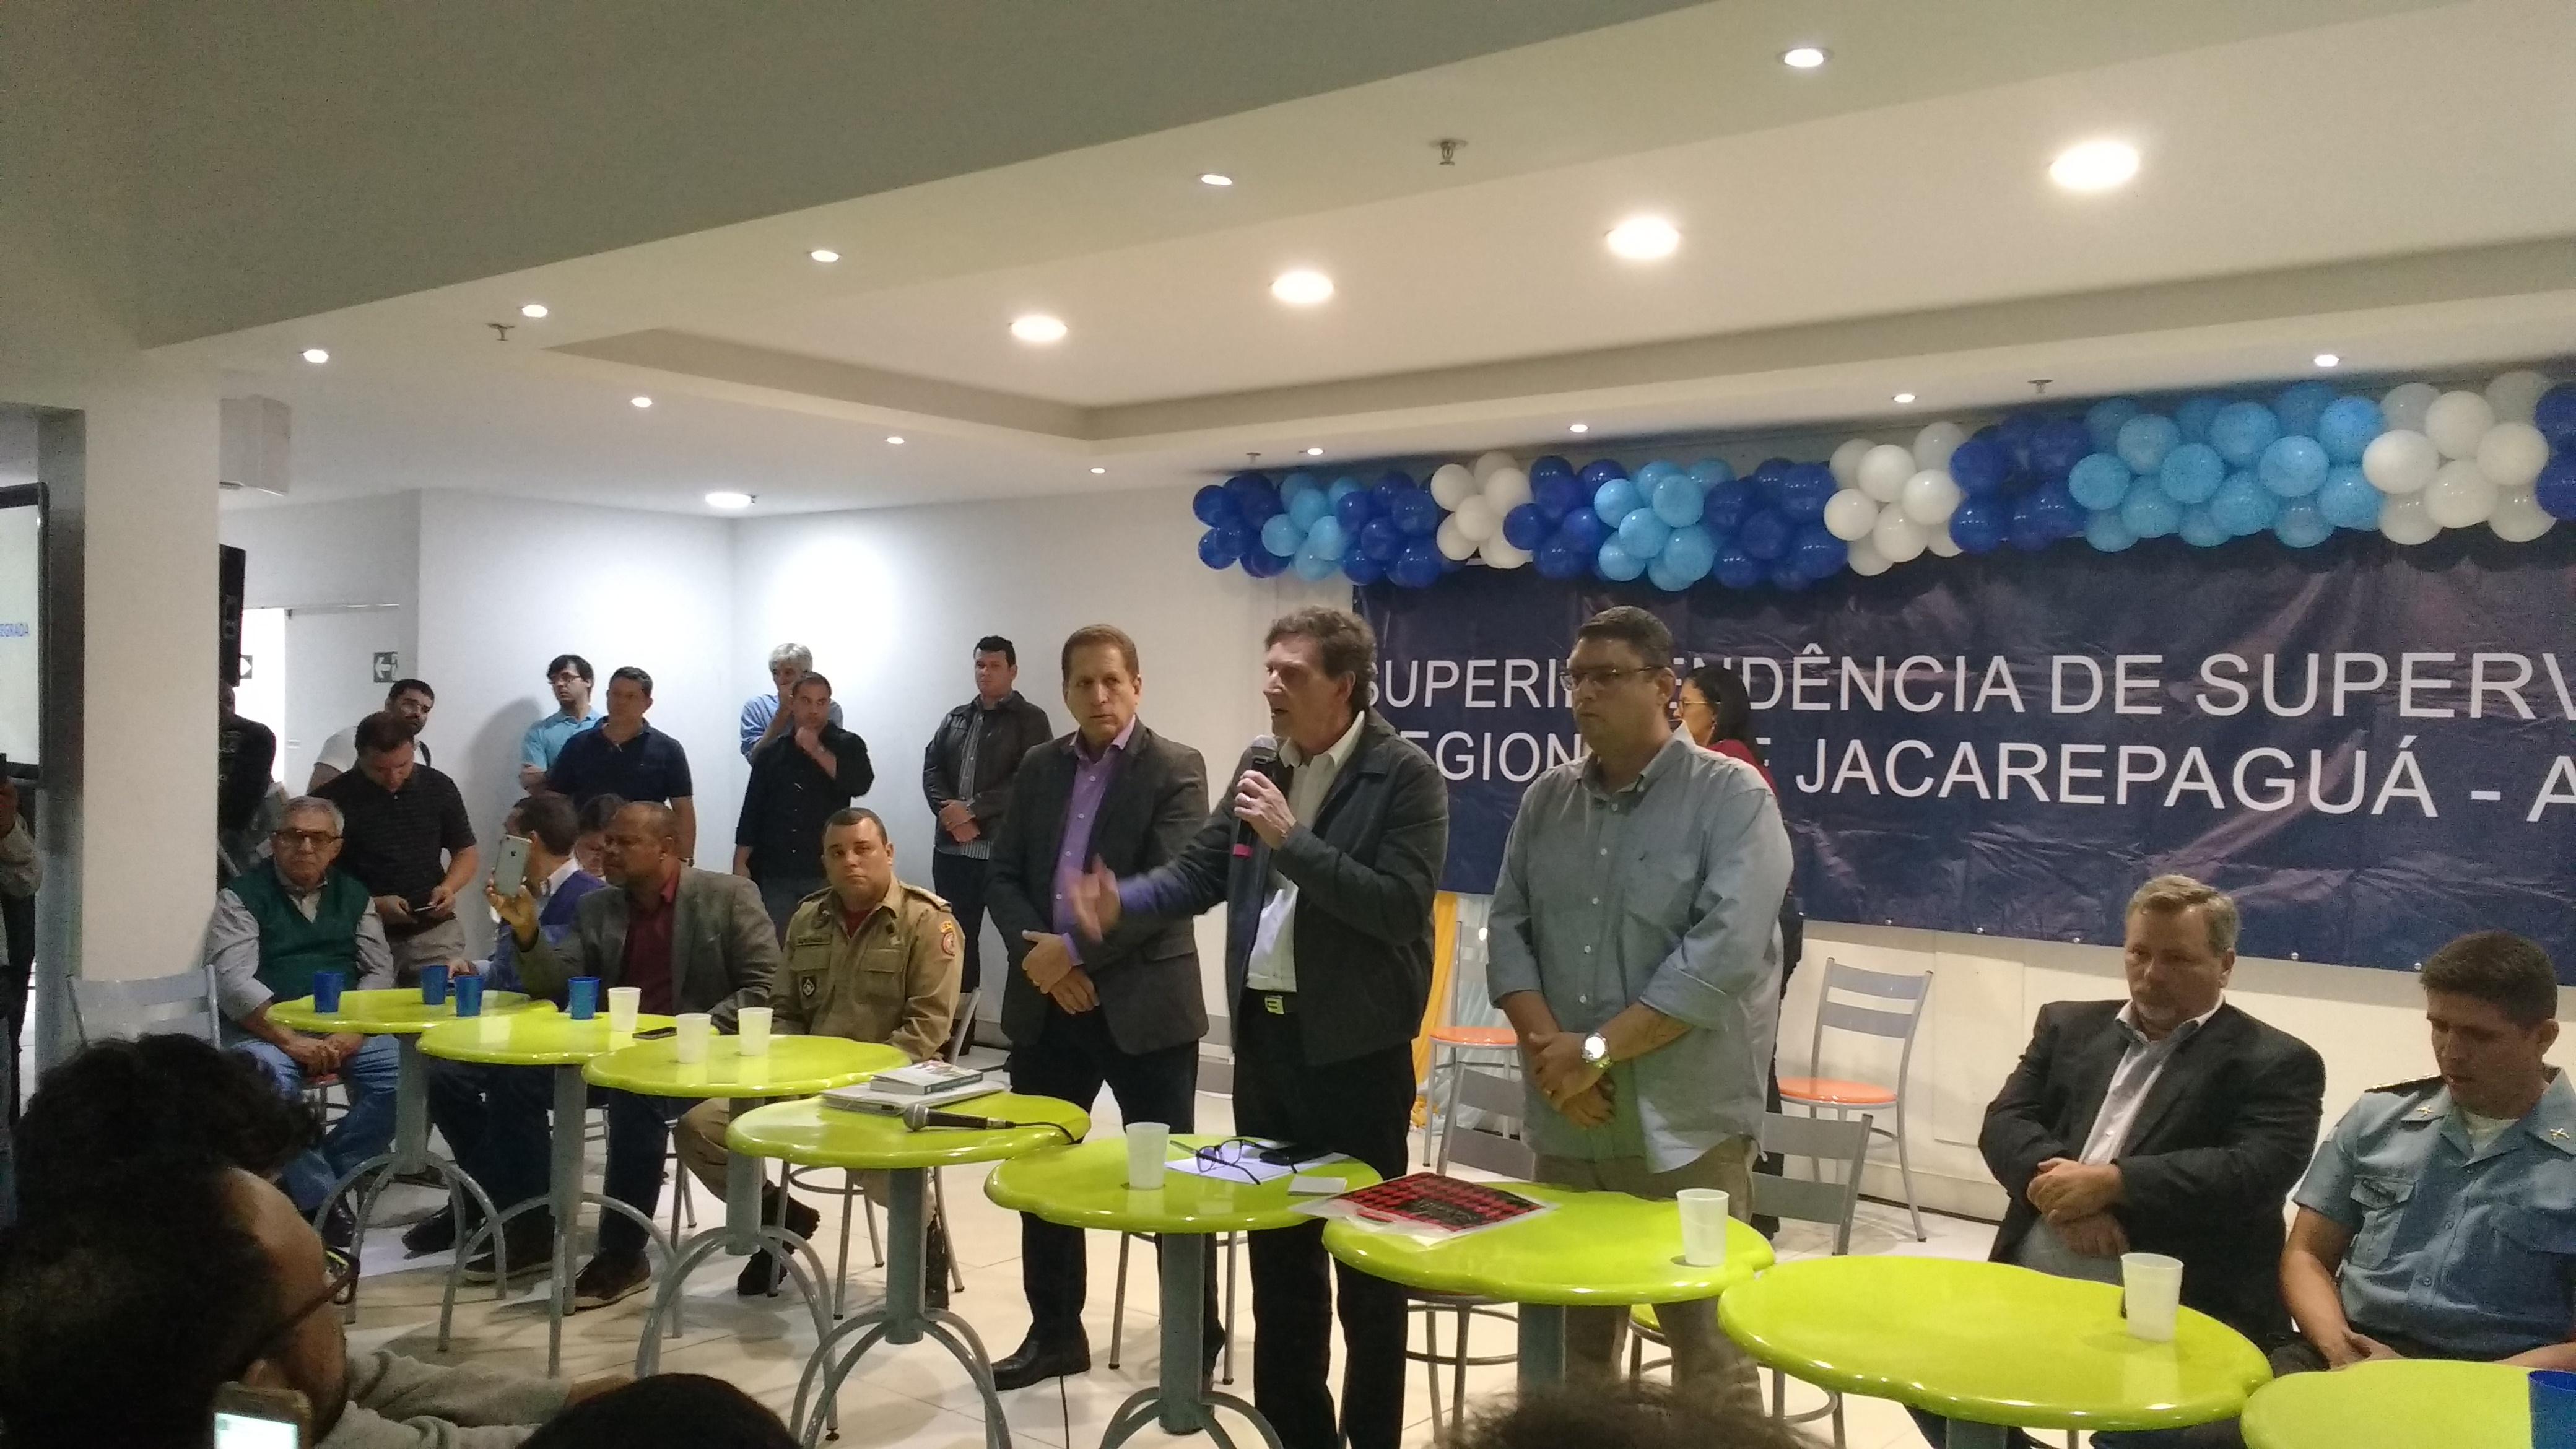 Prefeitura lança o Programa de Segurança Integrada de Jacarepaguá